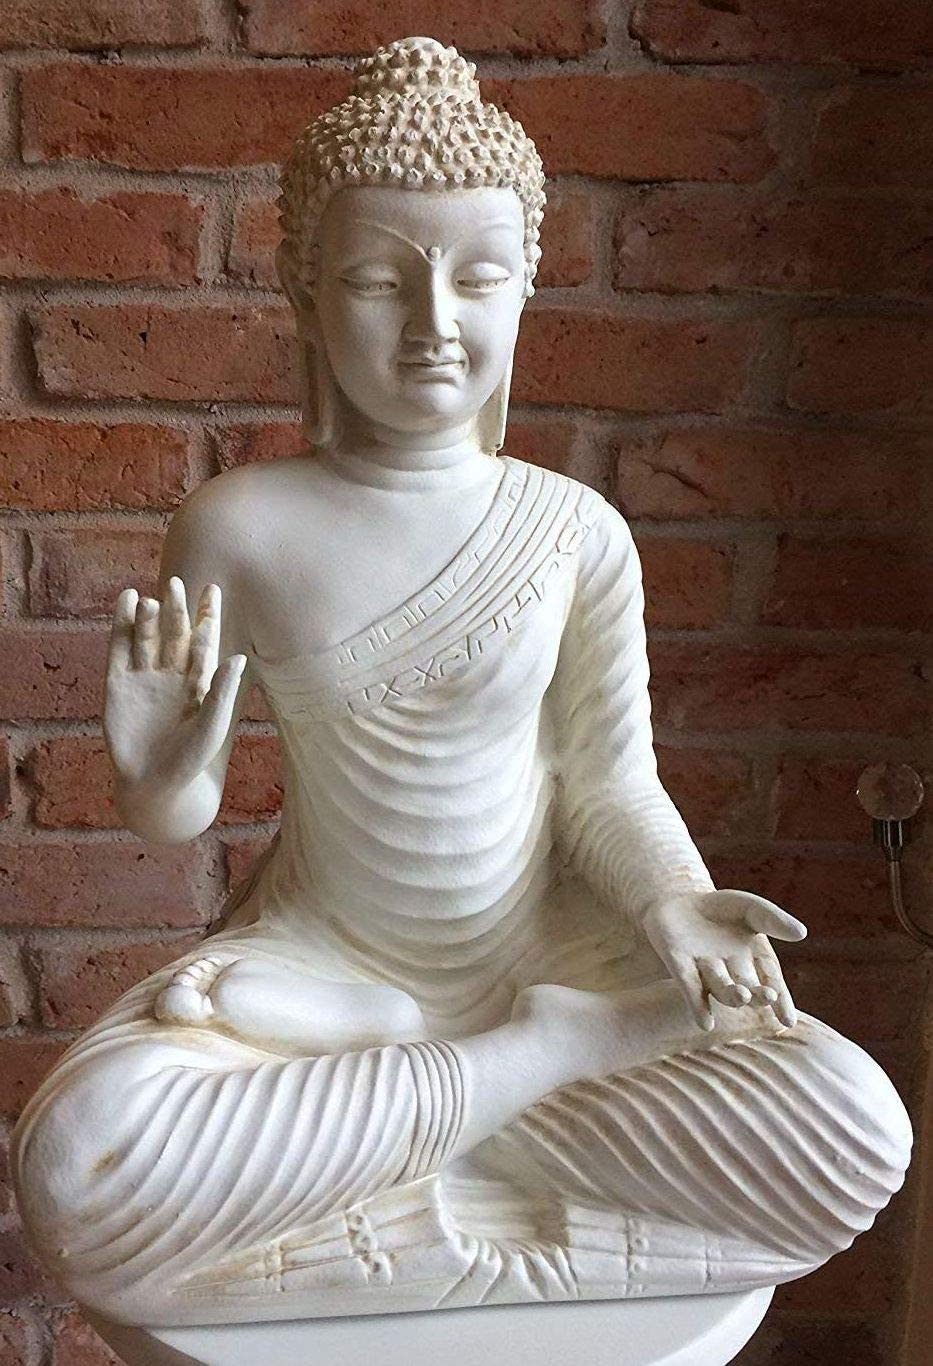 Buda Thai Buda Color Blanco Crema imitación Medi Animales Meditación Ruhe Fuerza Jardín Decoración Exterior heladas: Amazon.es: Jardín